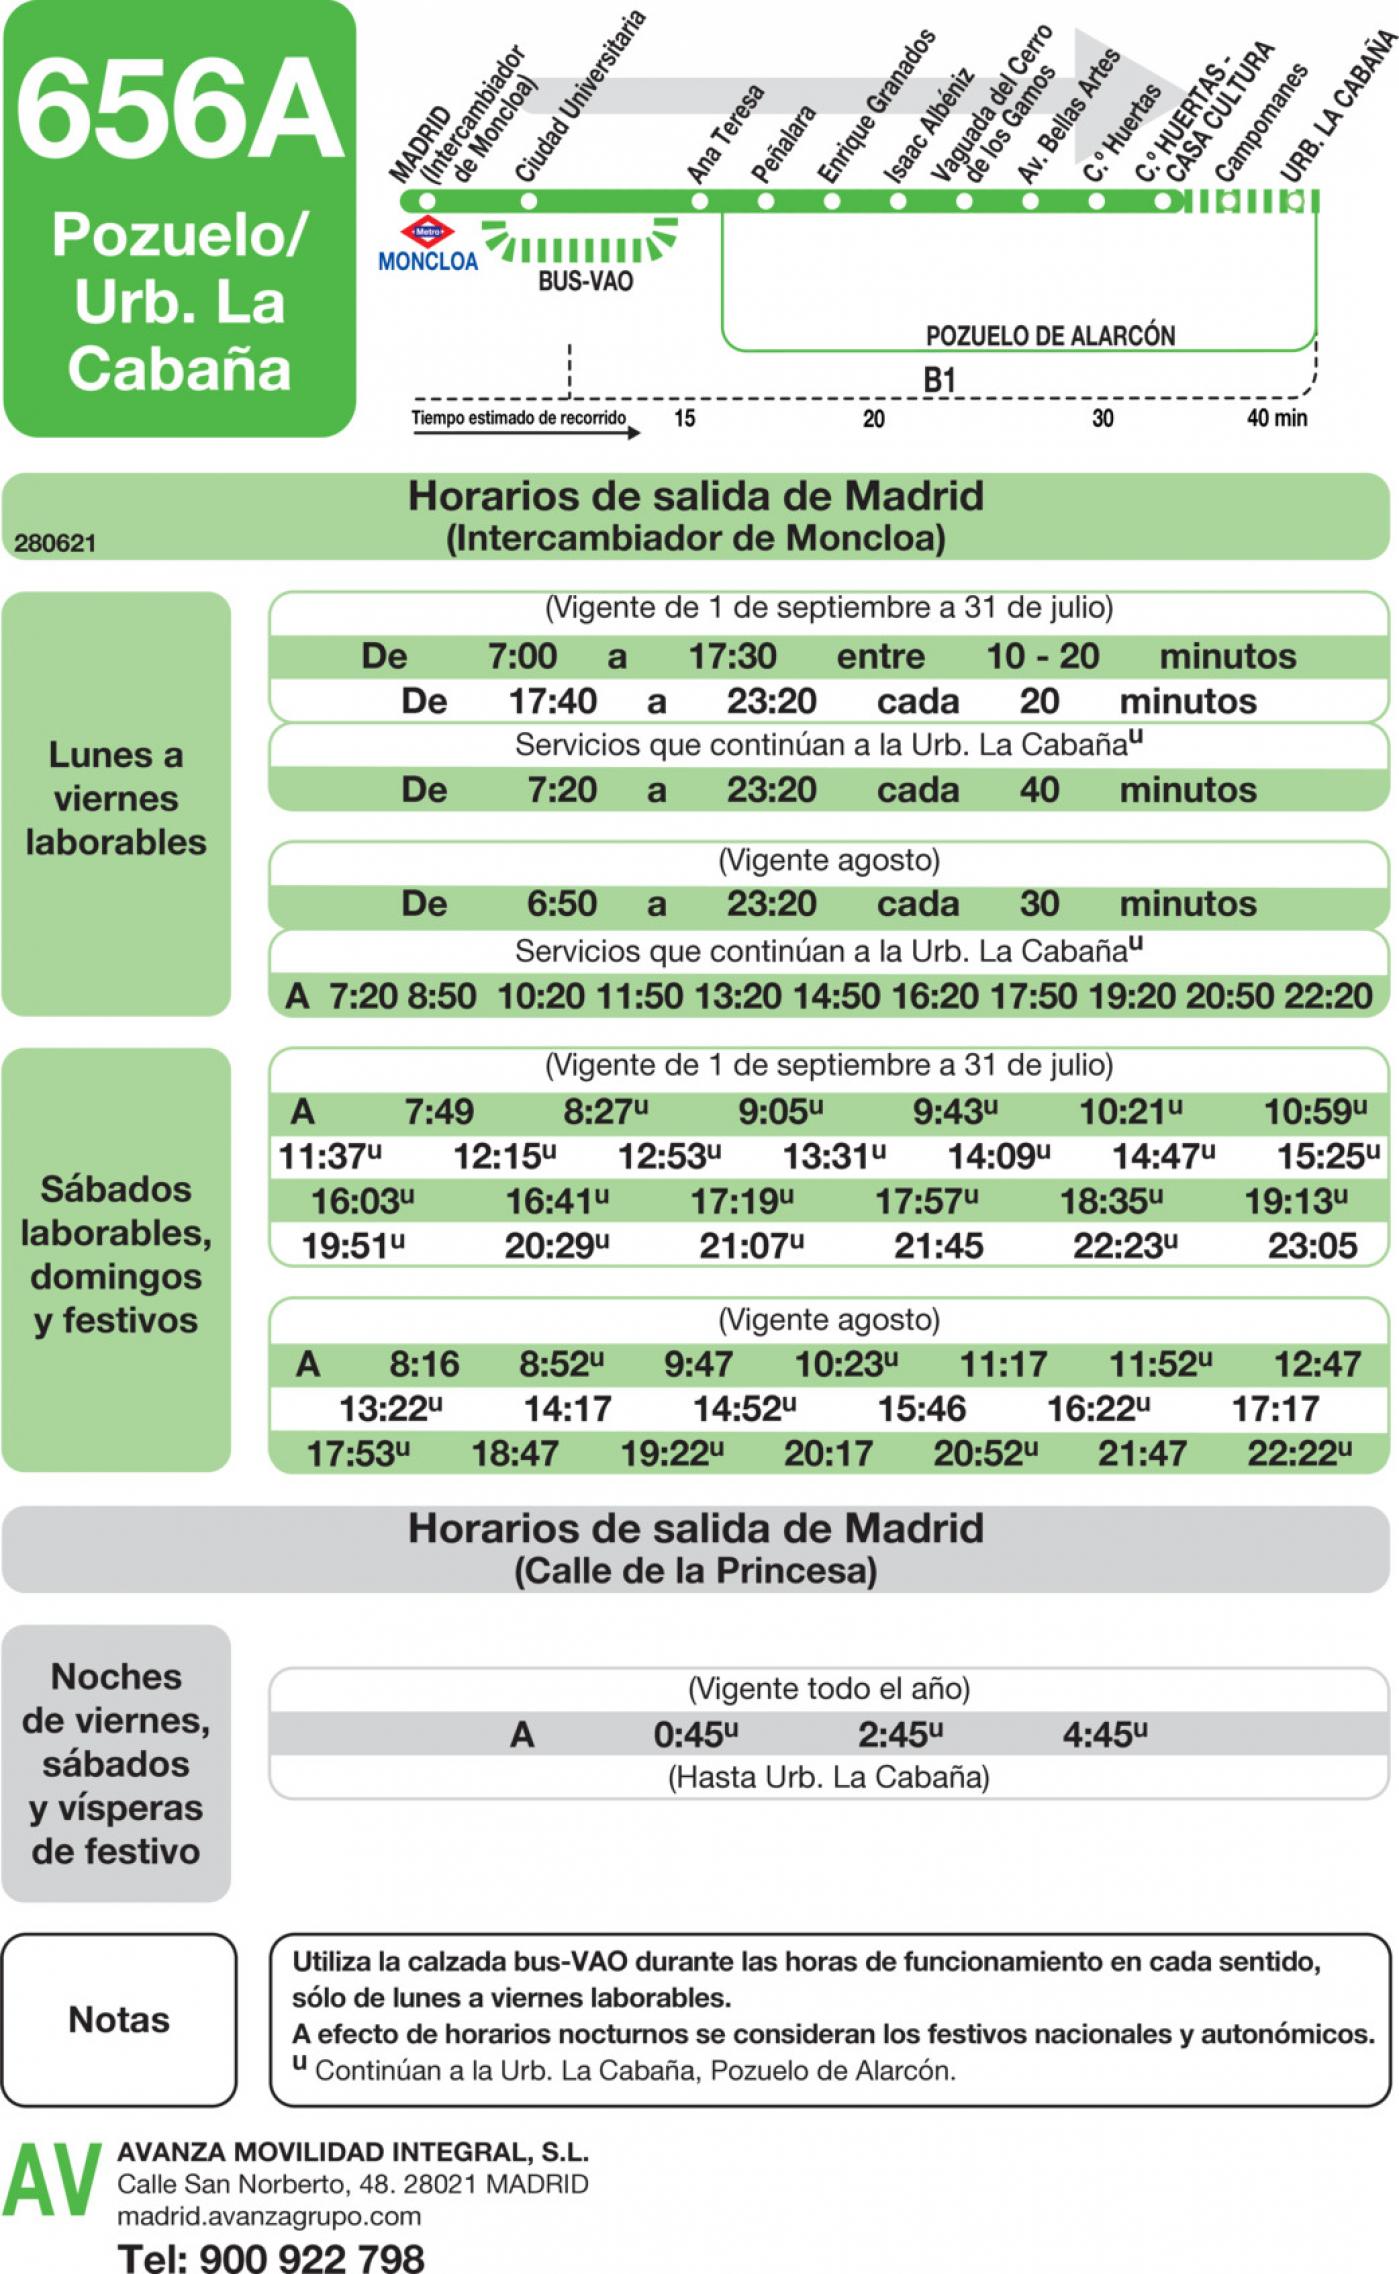 Tabla de horarios y frecuencias de paso en sentido ida Línea 656-A: Madrid (Moncloa) - Pozuelo (Calle Huertas)